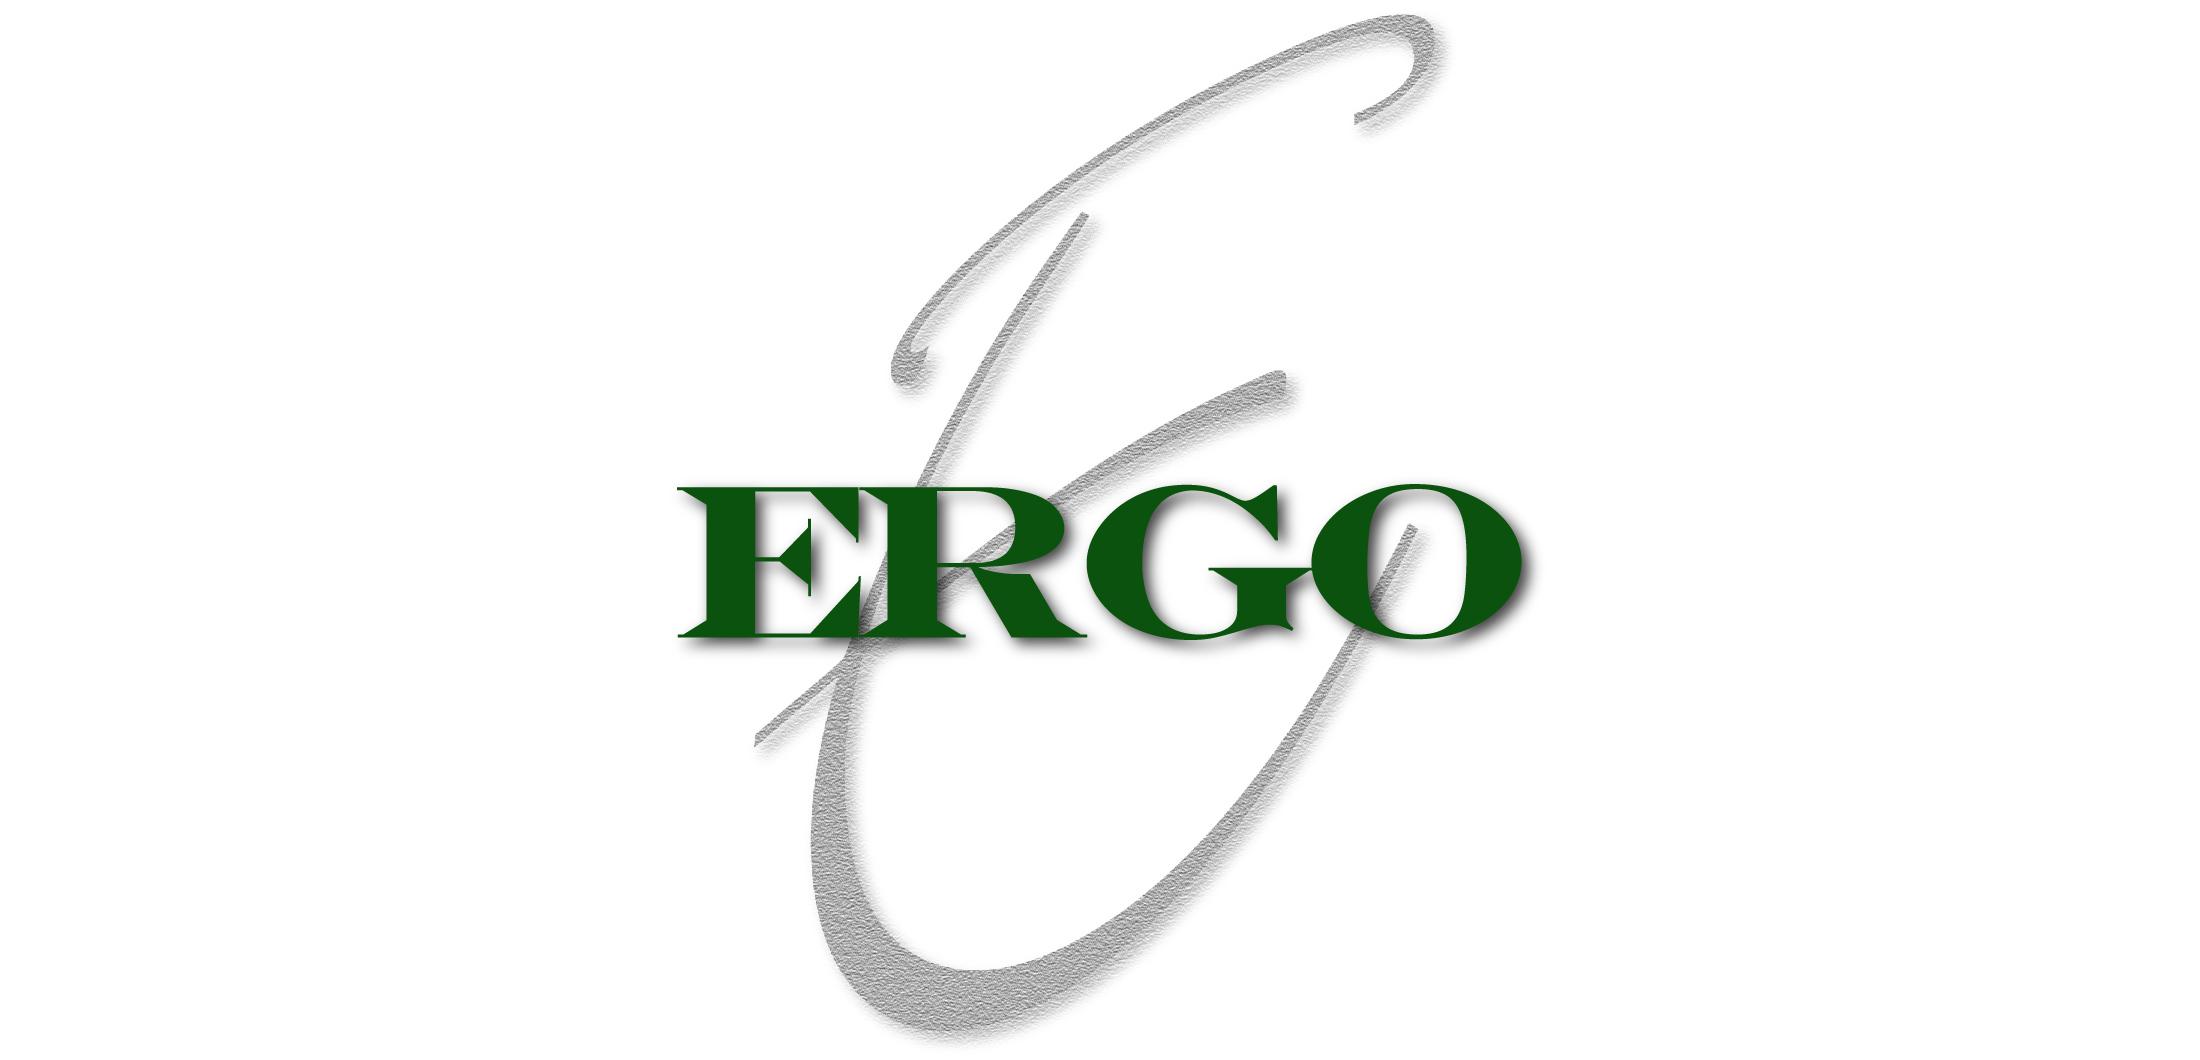 Ergo Marketing Logo